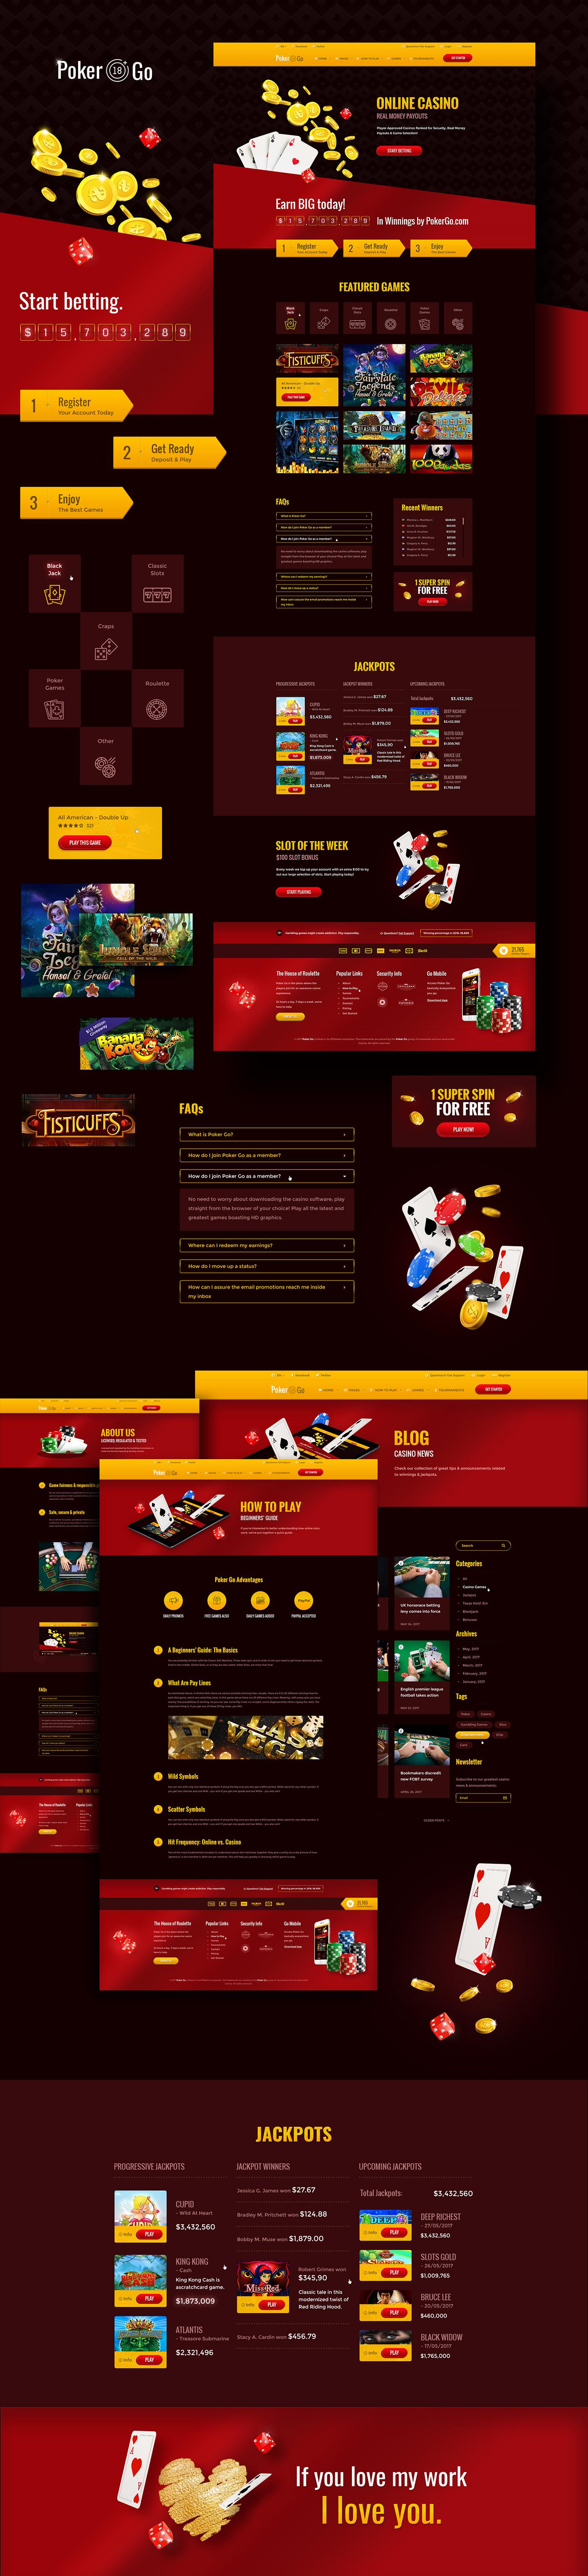 Online Casino Spain • Full Gambling Info